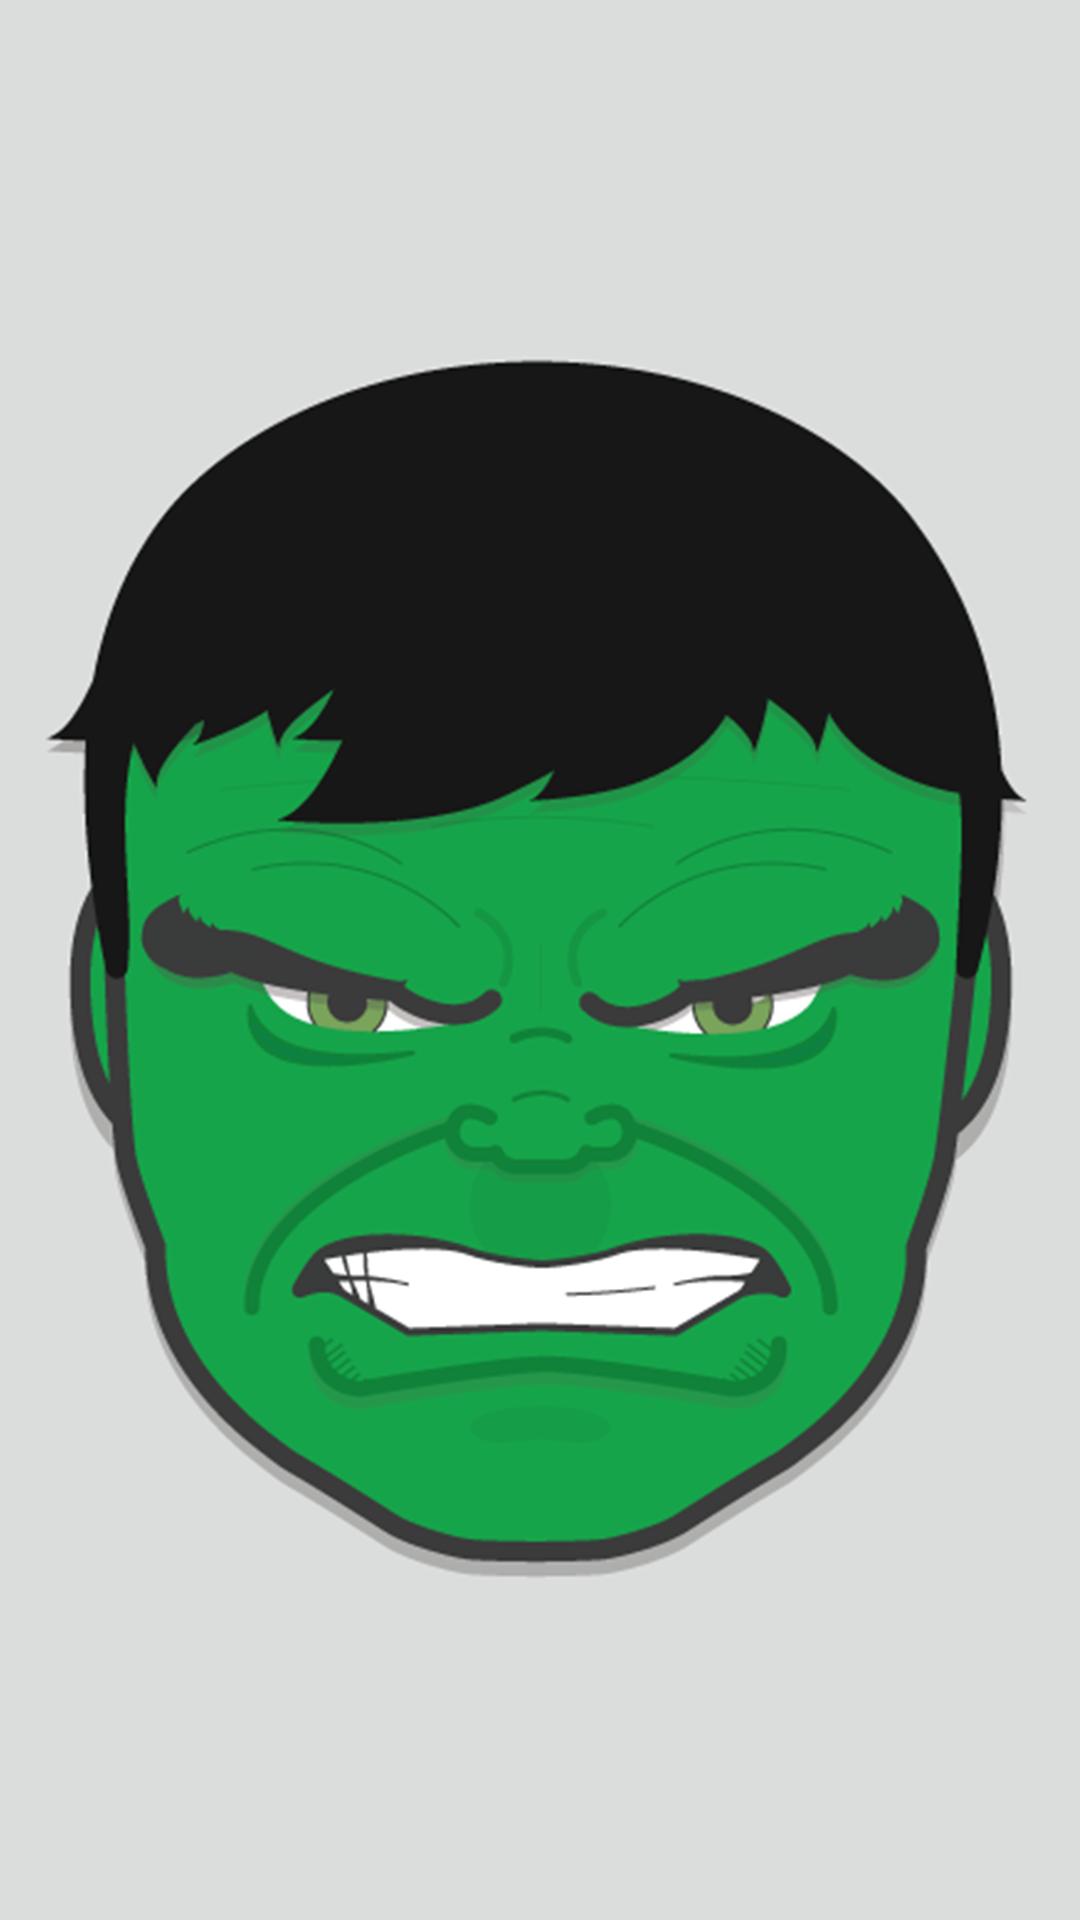 Sfondi viso illustrazione bicchieri verde cartone animato